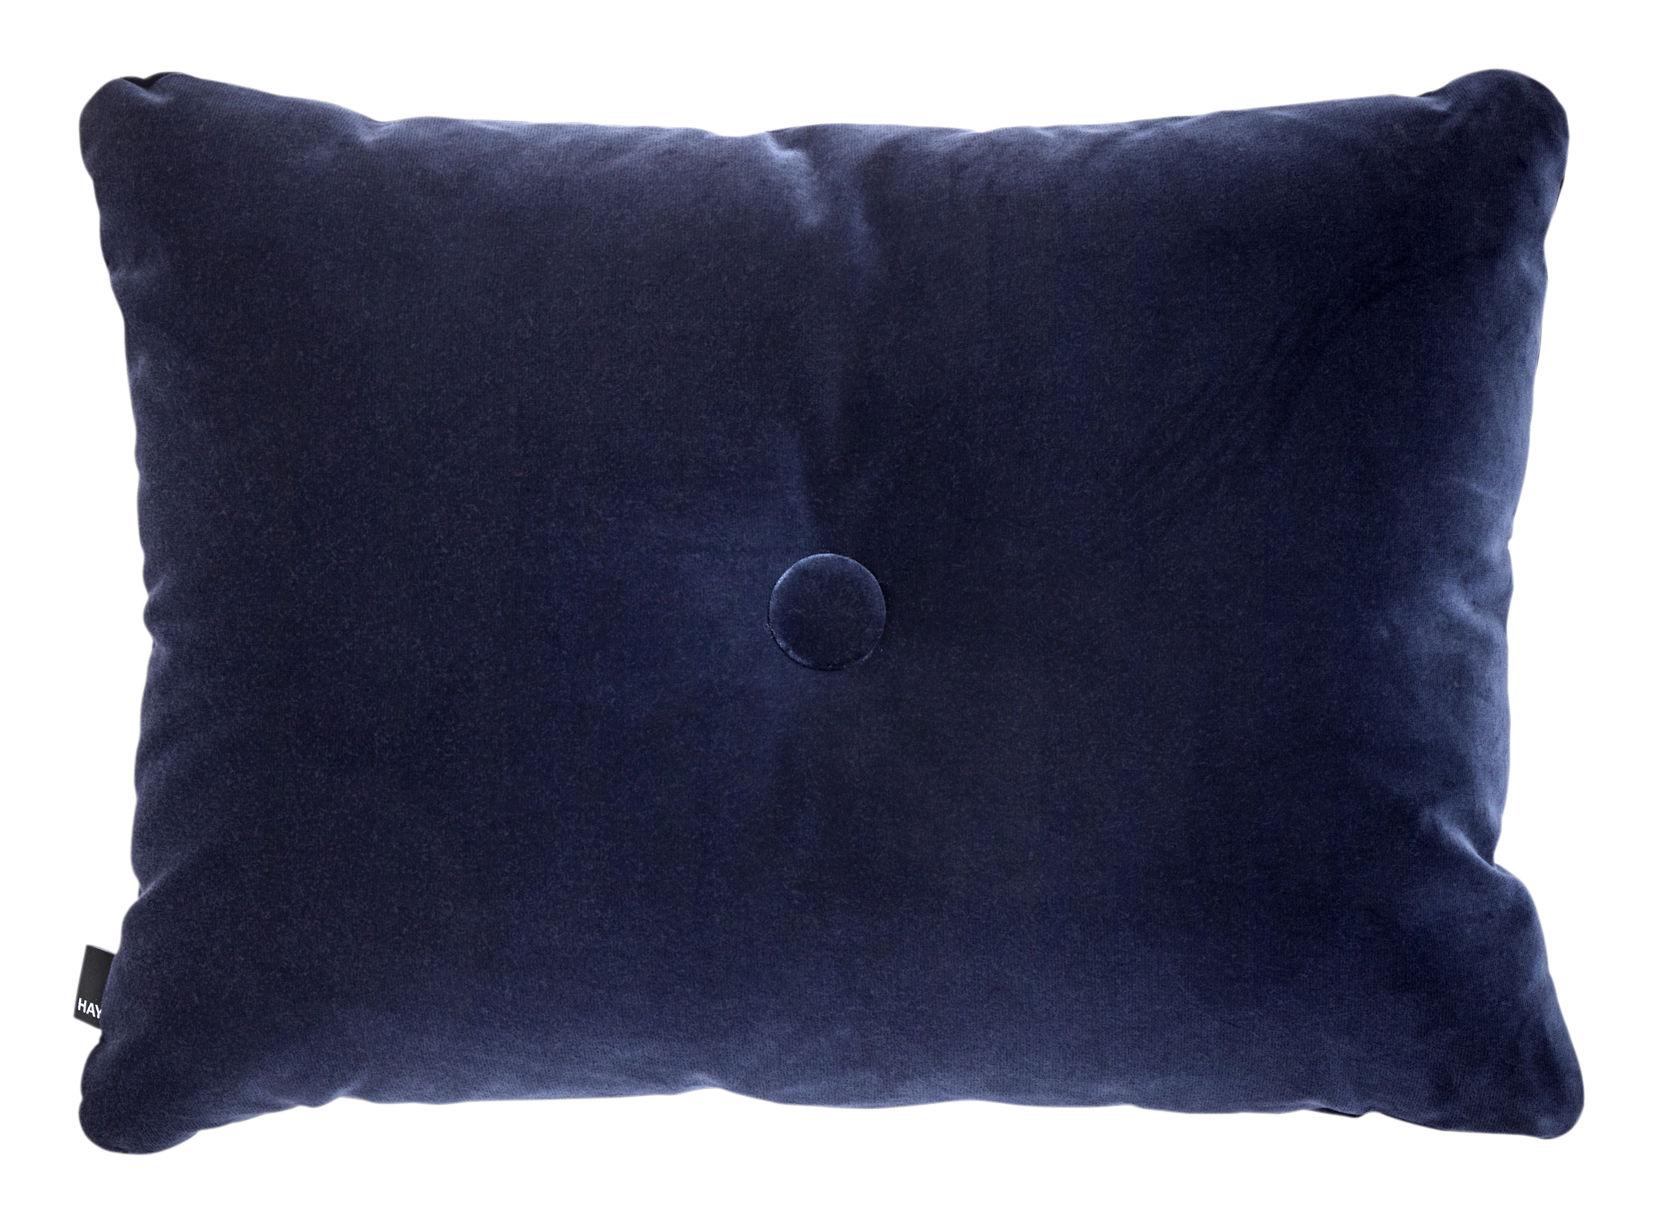 Déco - Coussins - Coussin Dot - Velours / 60 x 45 cm - Hay - Bleu marine - Coton (velours)